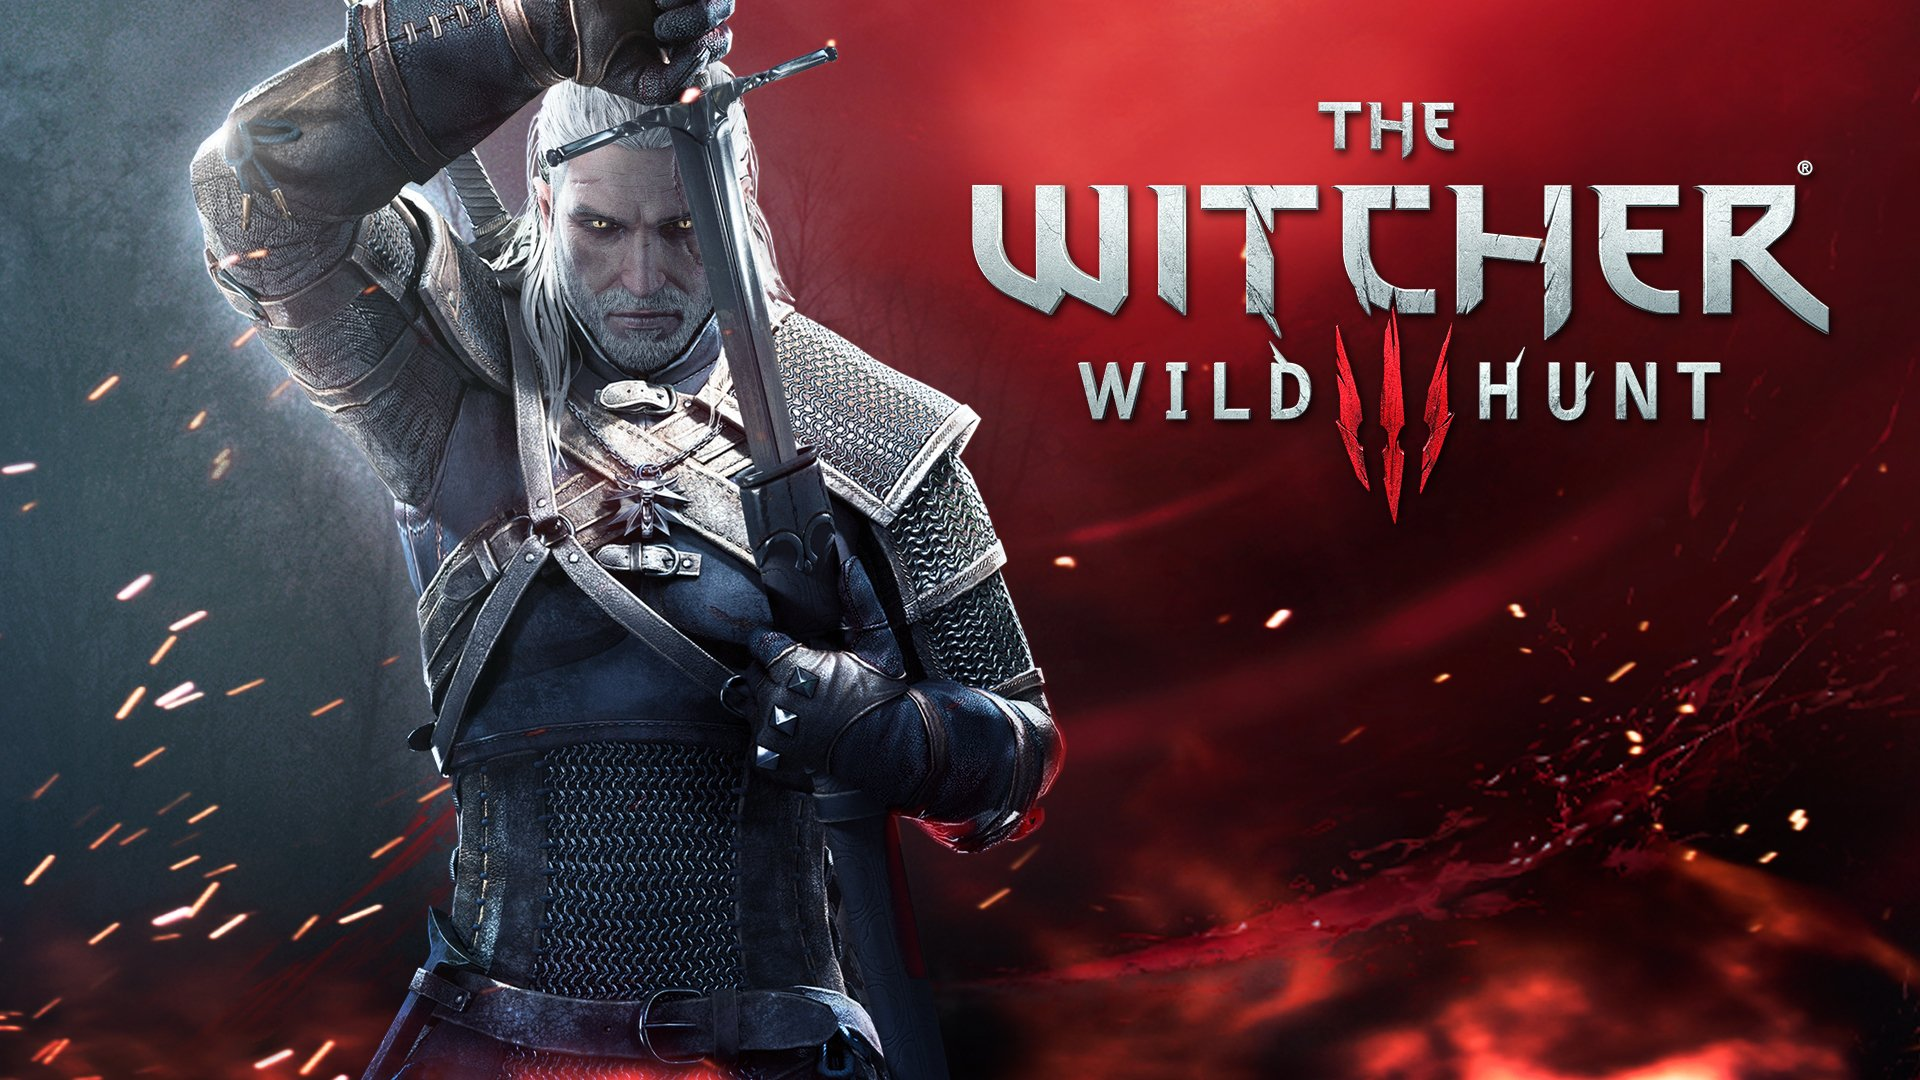 The Witcher 3: Wild Hunt. Все самое интересное за прошедшее время.   Новые факты о игре.   • Появилось огромное коли .... - Изображение 1